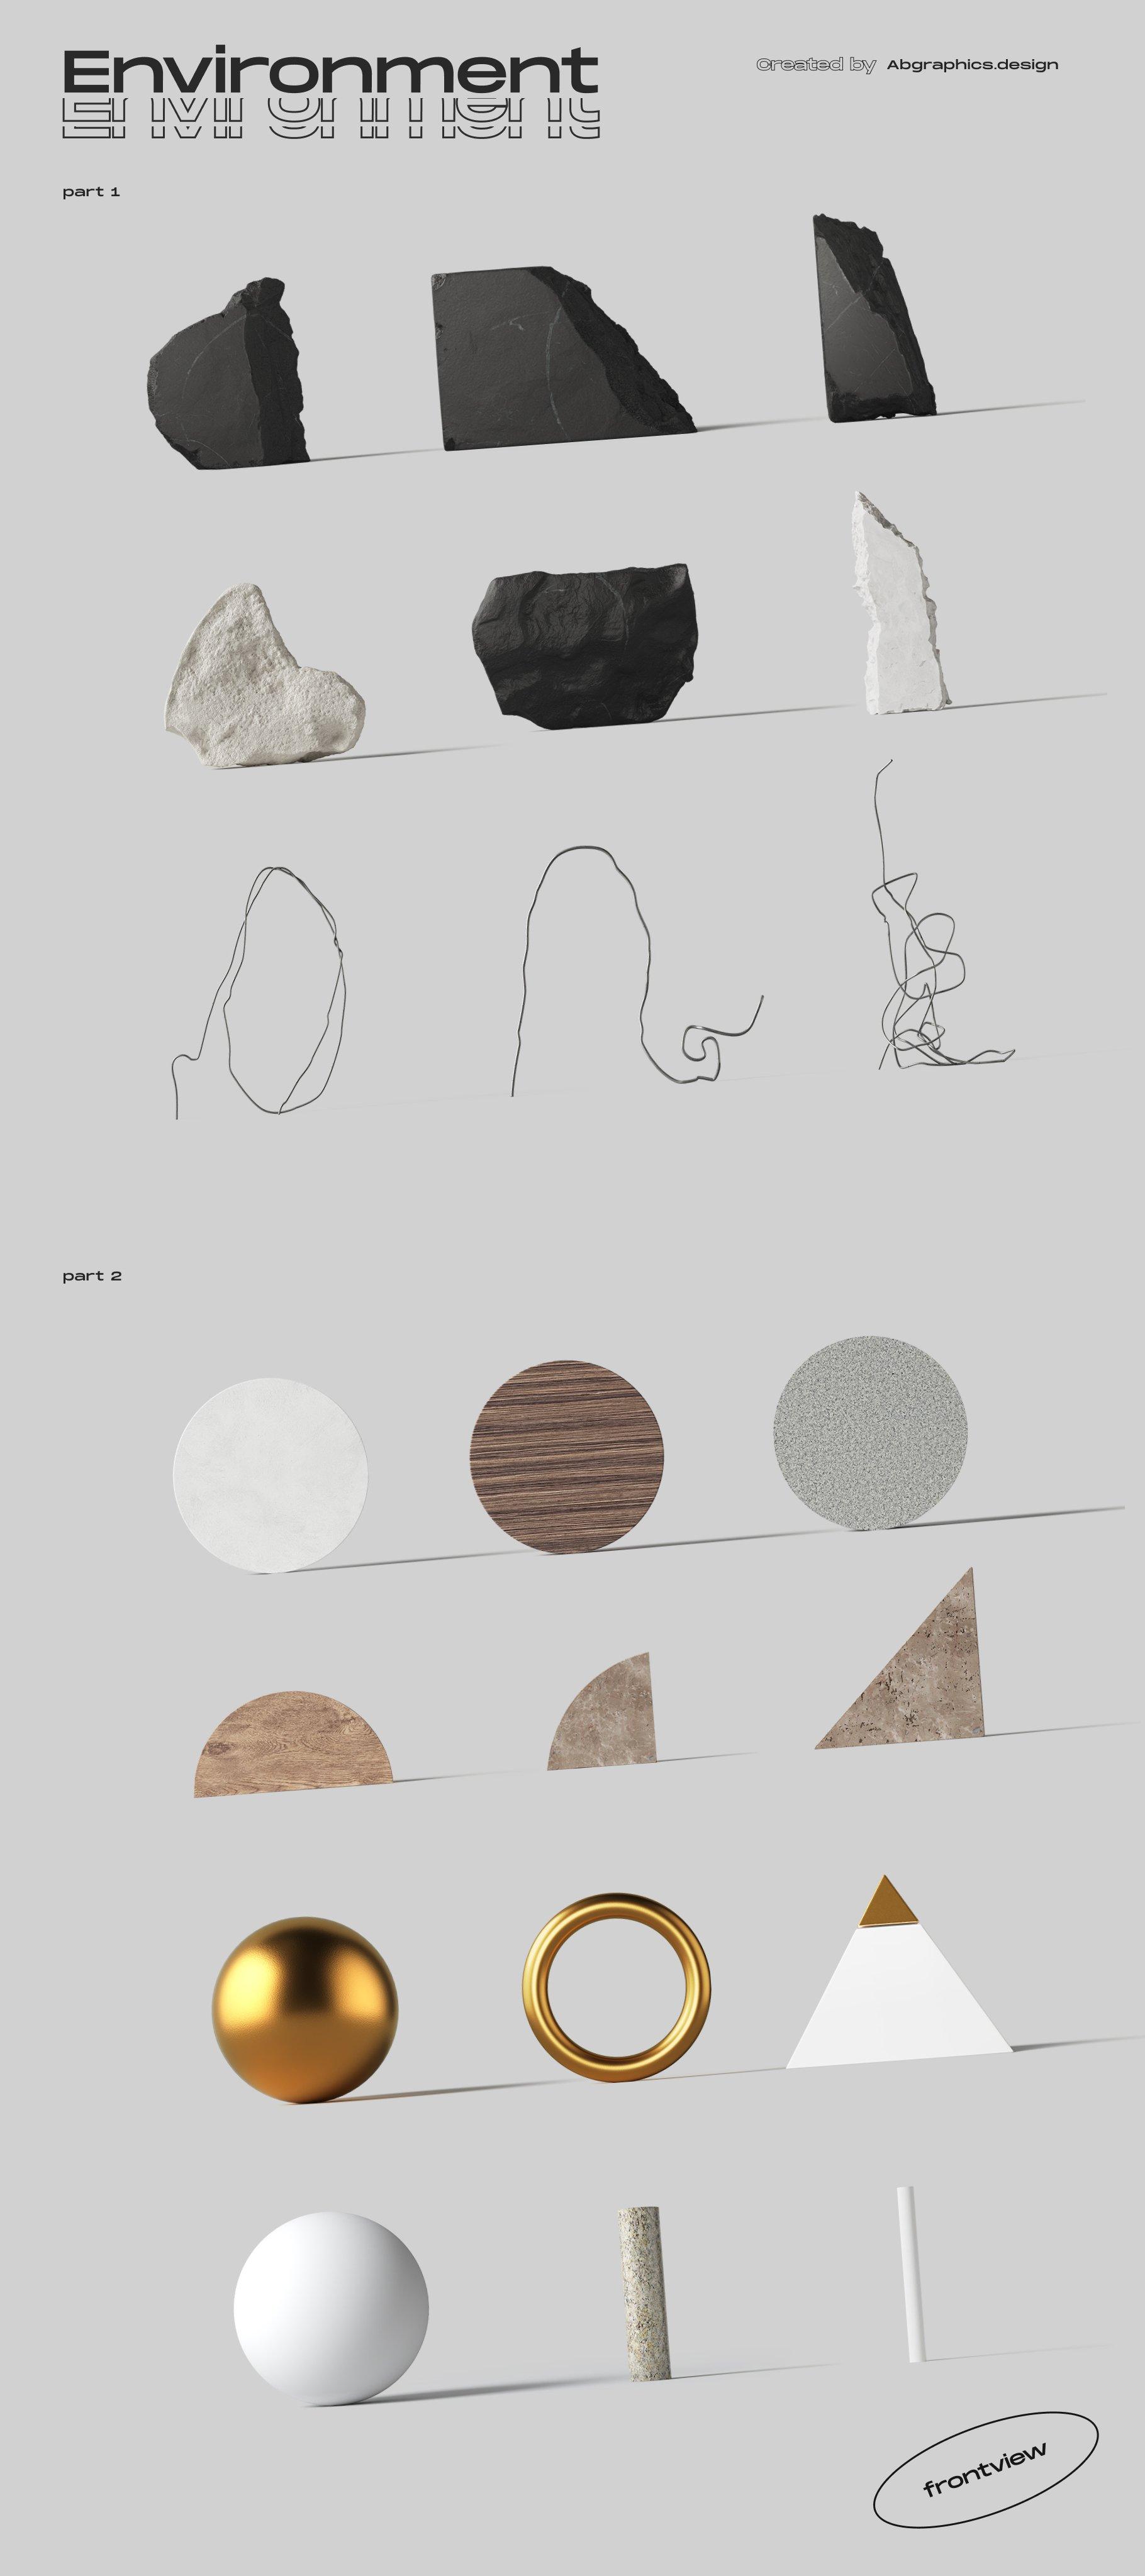 [淘宝购买] 超大品牌VI包装设计PS智能贴图样机模板素材 The Scene Creator 2 / Frontview插图(38)